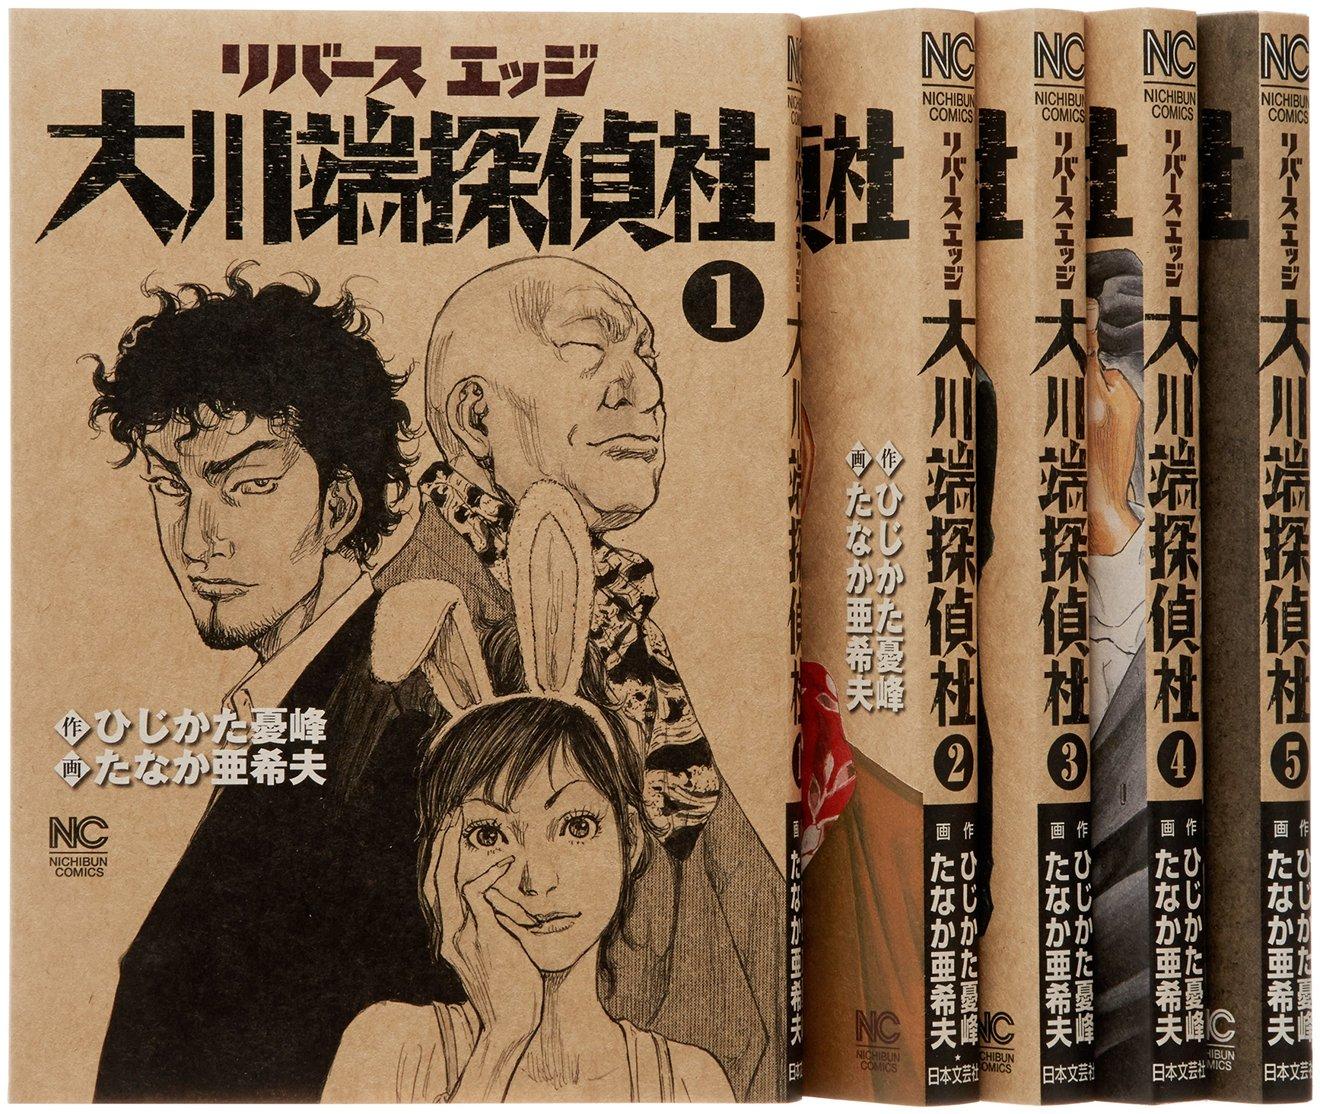 無料で読める名作探偵漫画「リバースエッジ」が泣ける!【ネタバレ注意 ...